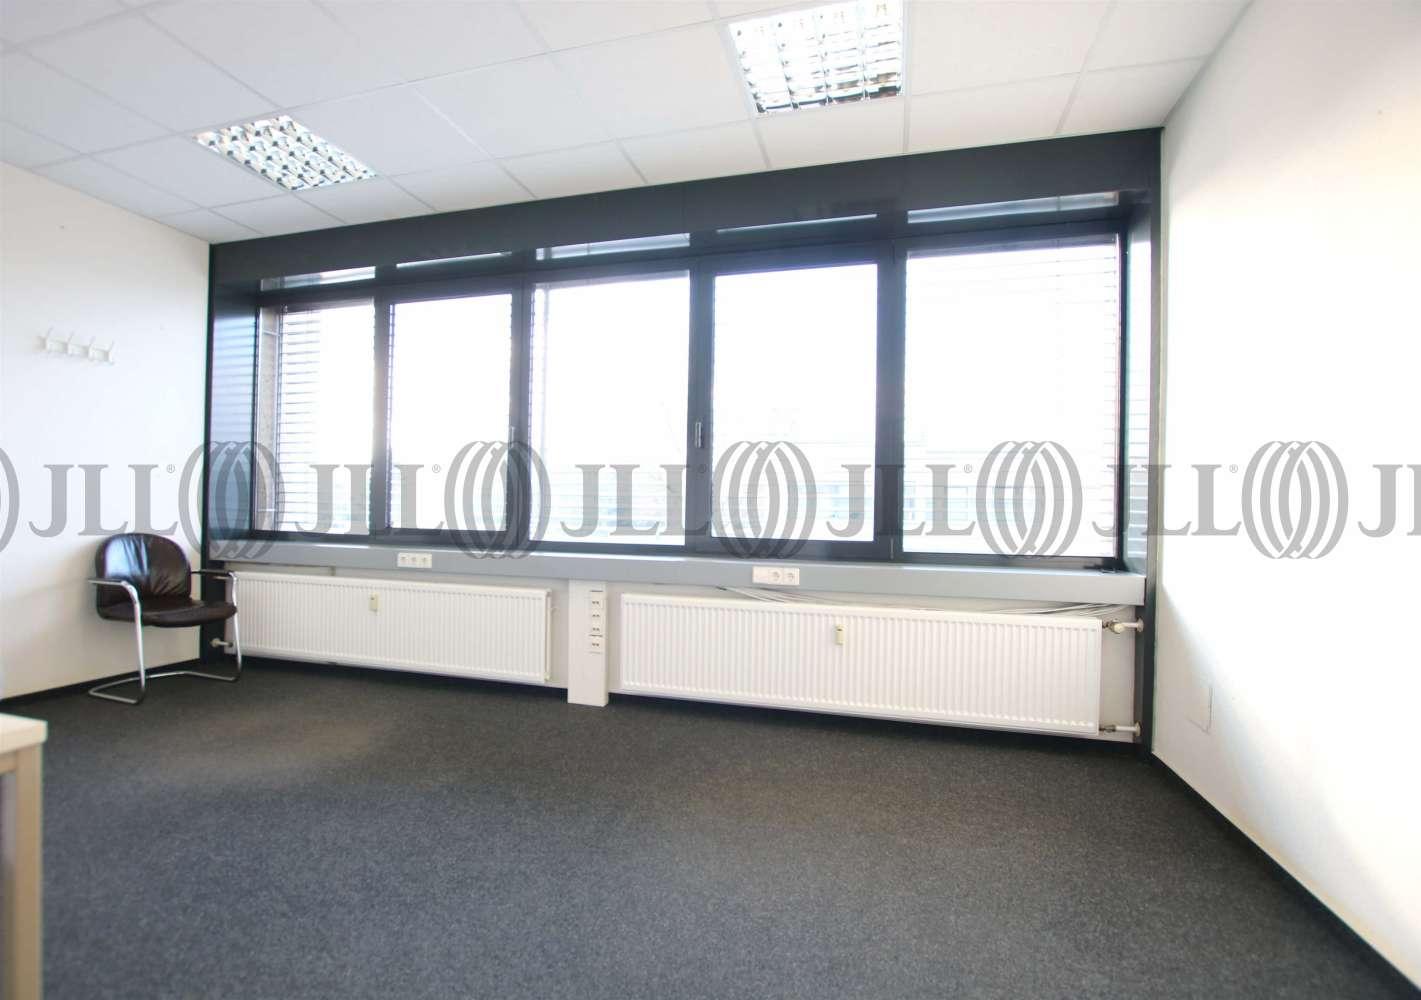 Büros Langenhagen, 30855 - Büro - Langenhagen, Godshorn - H1550 - 10918736